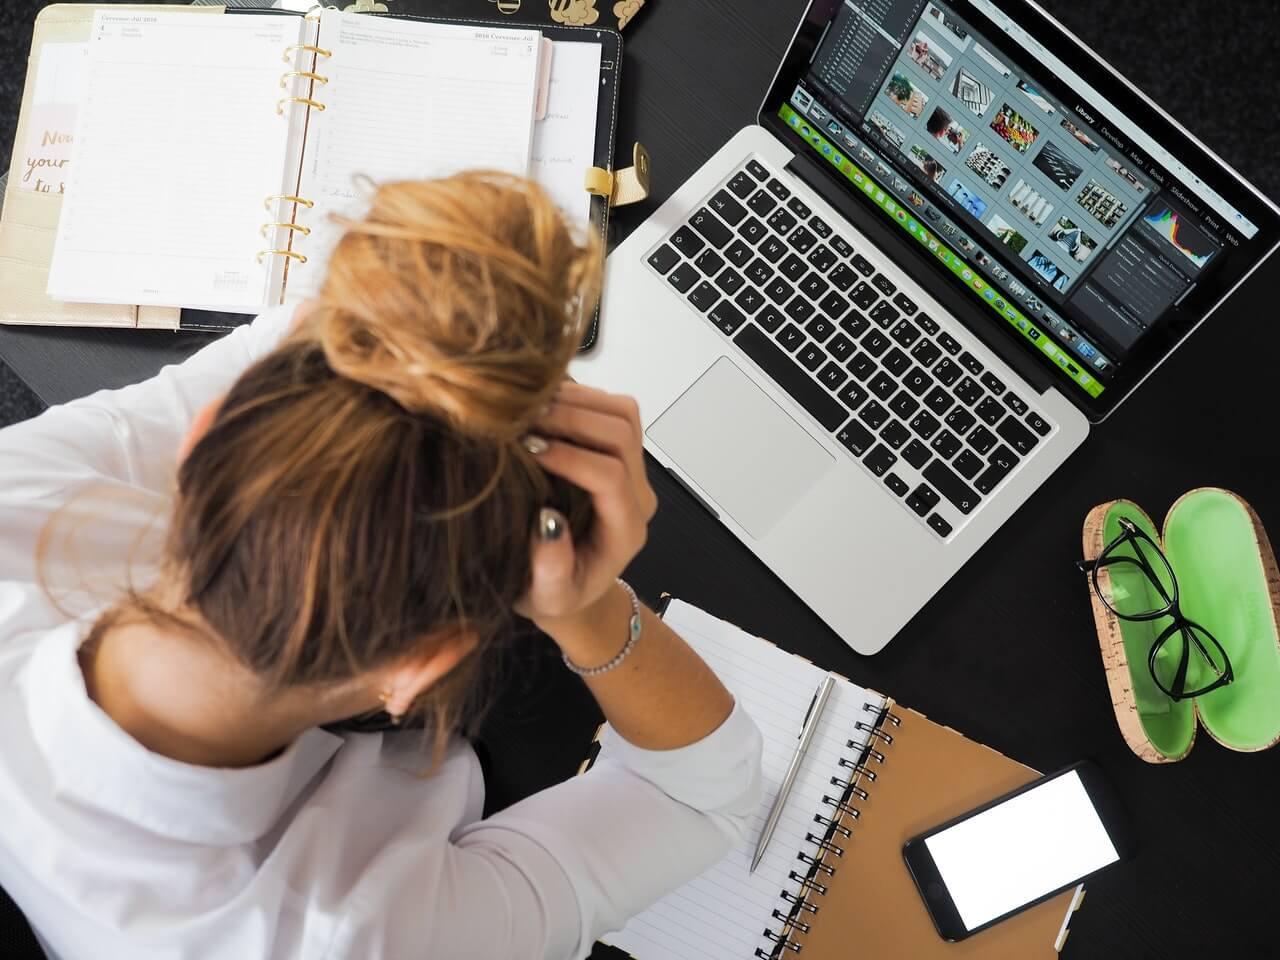 Mujer trabajando en su computador con las manos en la cabeza producto del estrés que siente